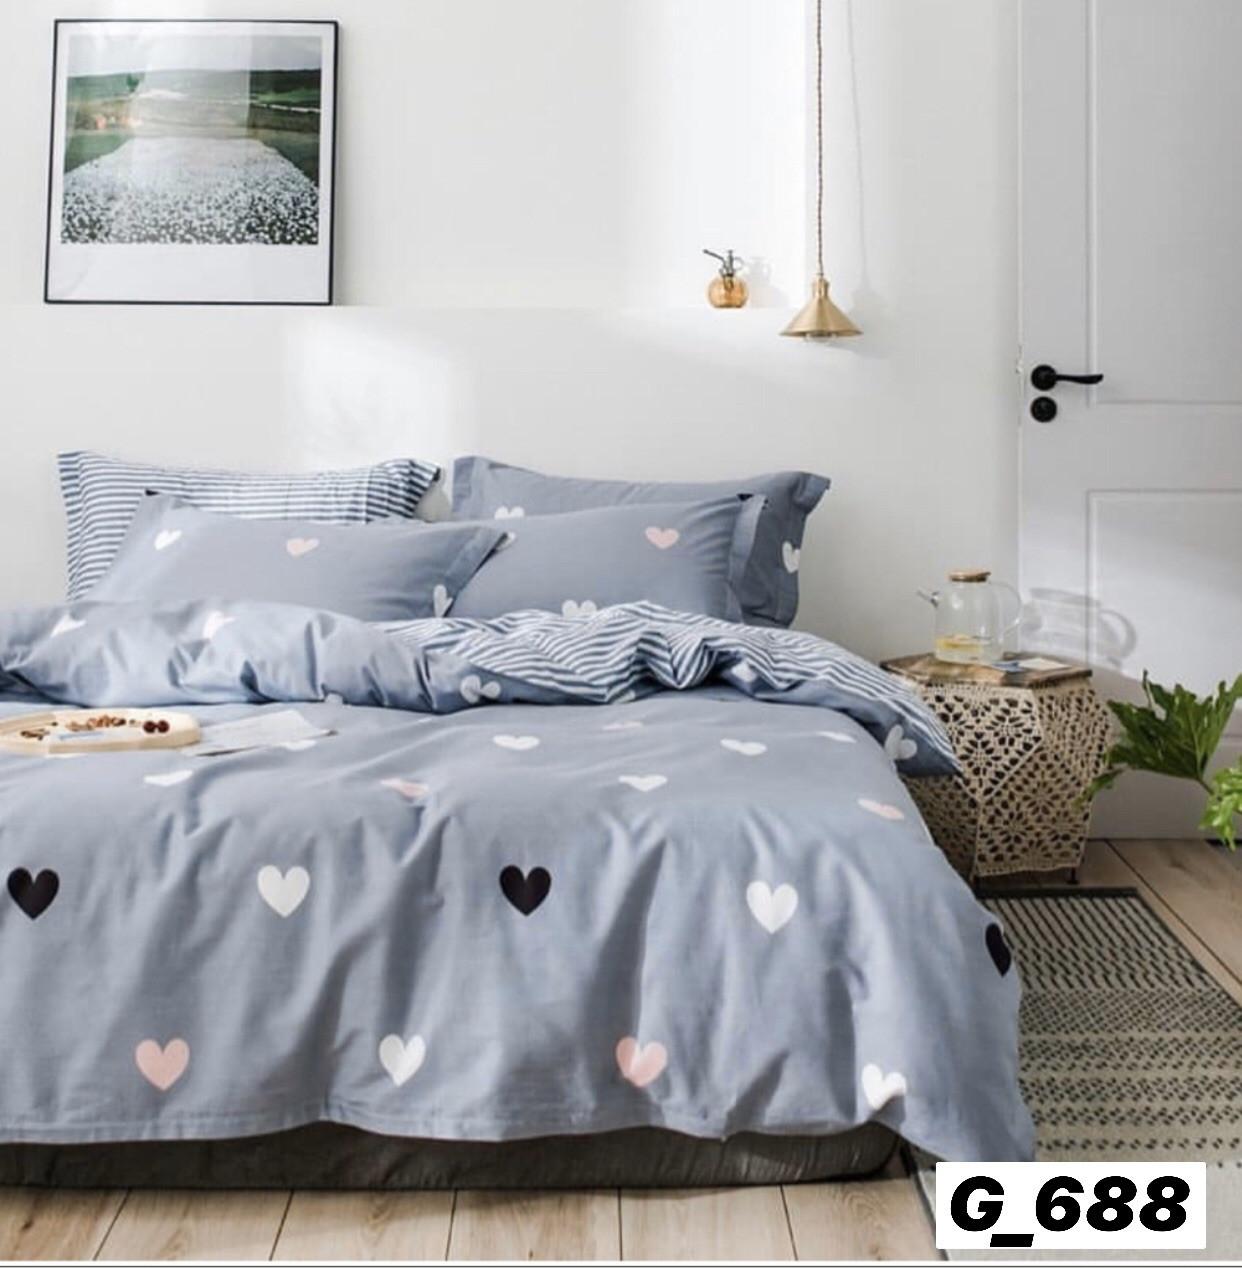 Комплект постельного белья евро размер «Бязь 688 Сердечки»